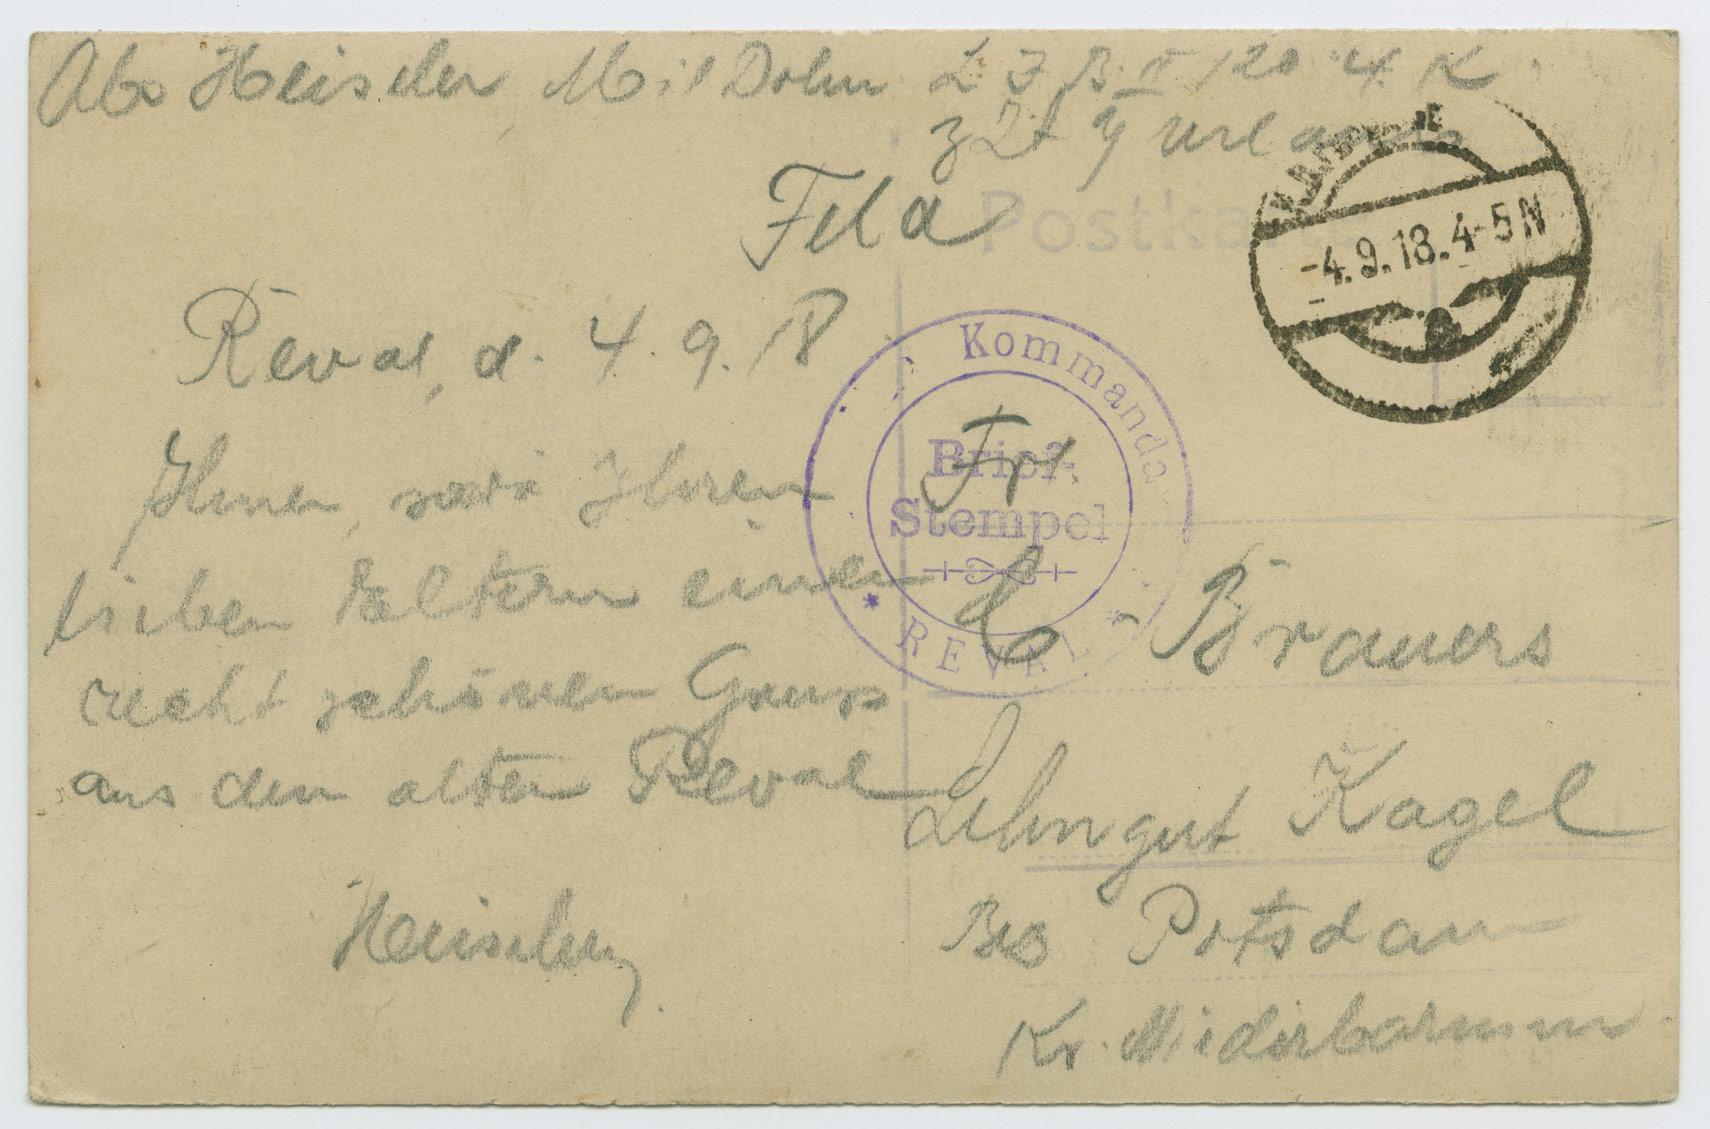 1106a-Kommando-Reval-postiajalugu-ee